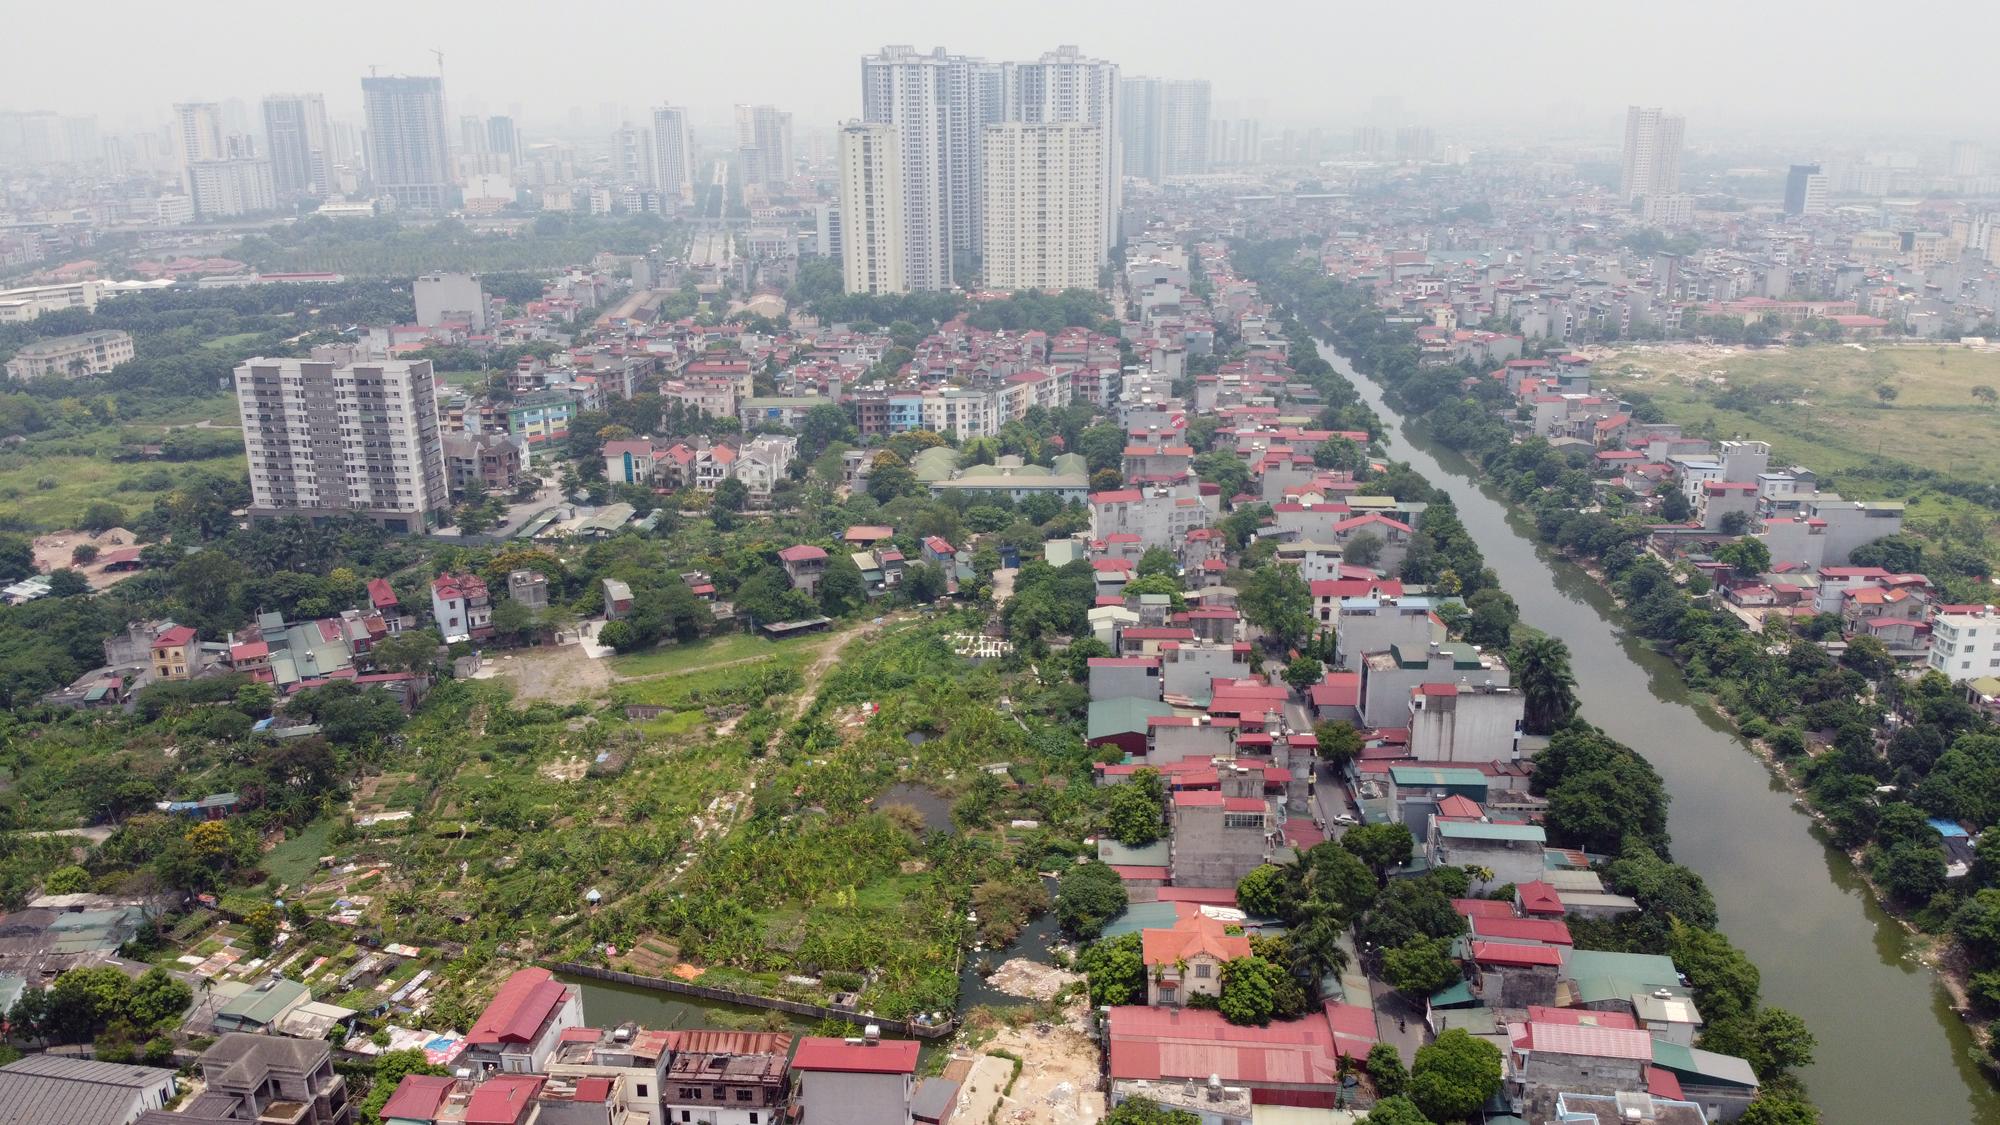 Đường sẽ mở theo qui hoạch ở Hà Nội: Toàn cảnh trục Hồ Tây - Ba Vì đến Vành đai 4 - Ảnh 15.